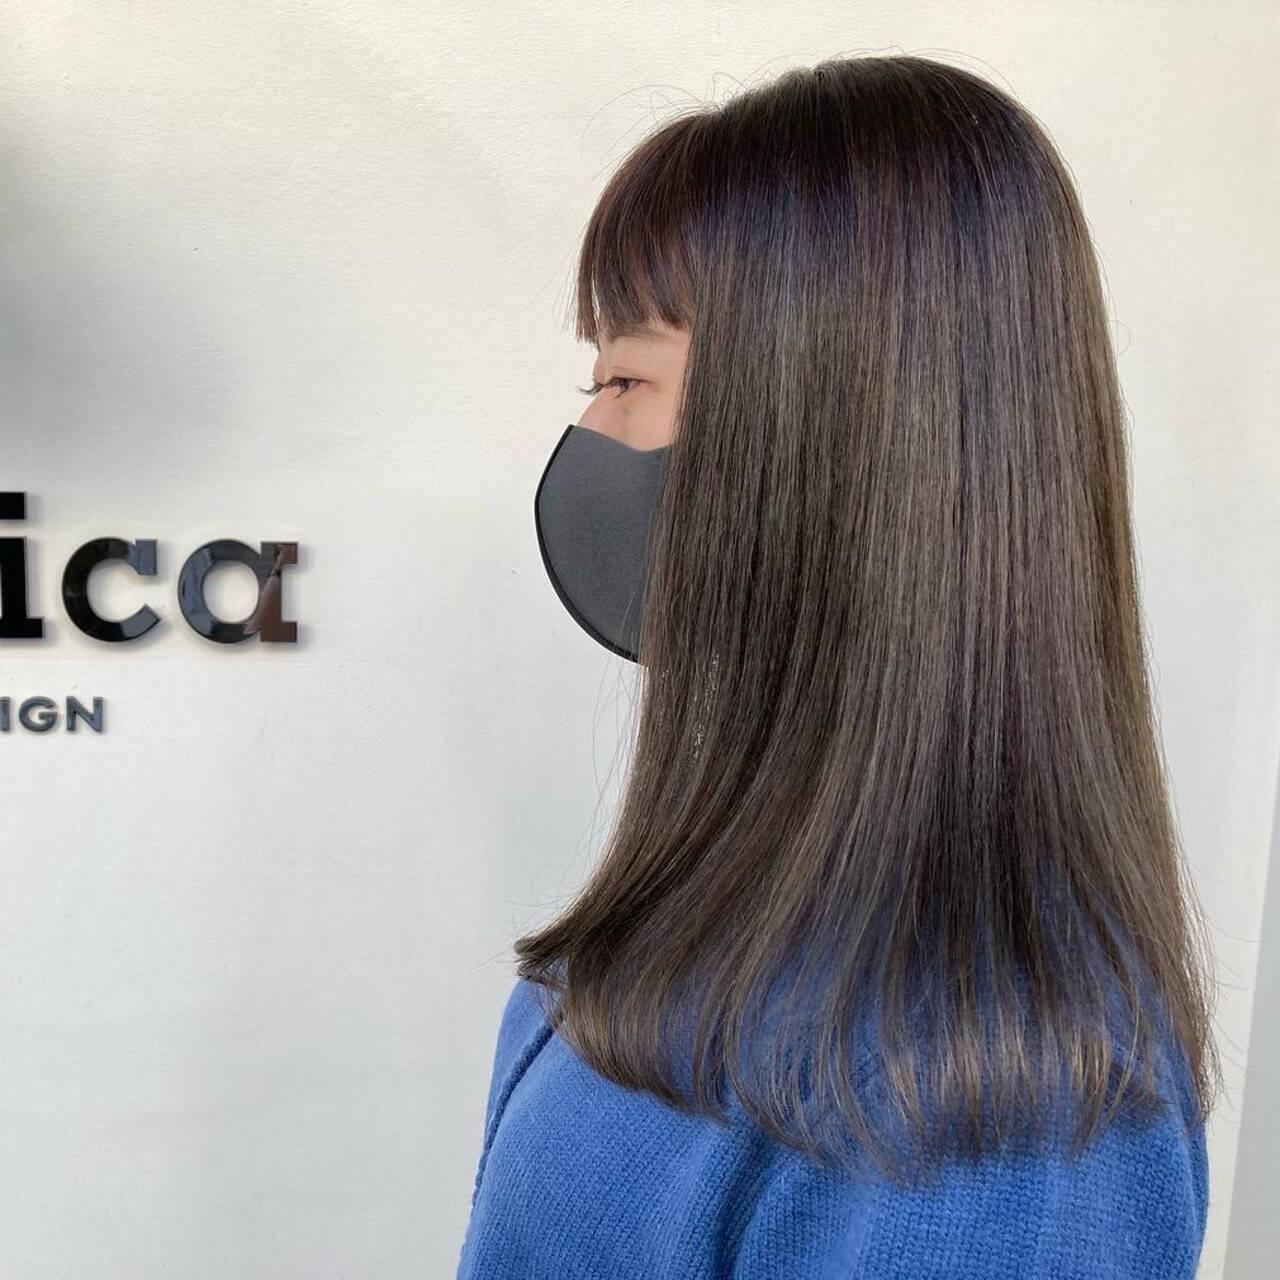 セミロング ブルーアッシュ ナチュラル ロブヘアスタイルや髪型の写真・画像